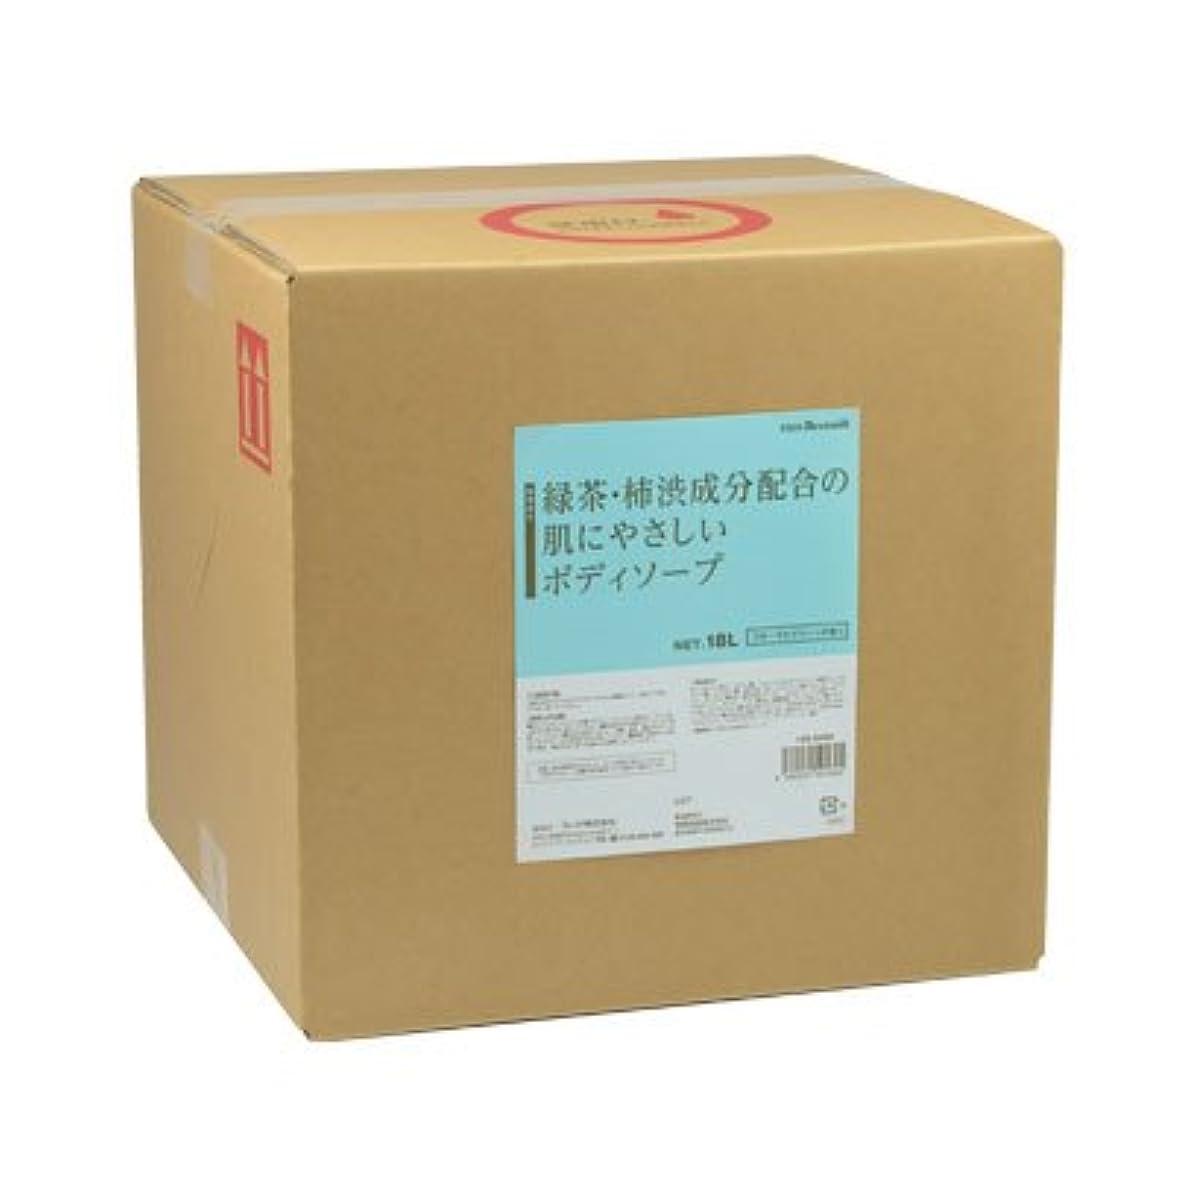 サスペンションバナースケート【業務用】 FEED(フィード) 緑茶?柿渋成分配合の肌にやさしいボディソープ/18L 石けん 入数 1ケース